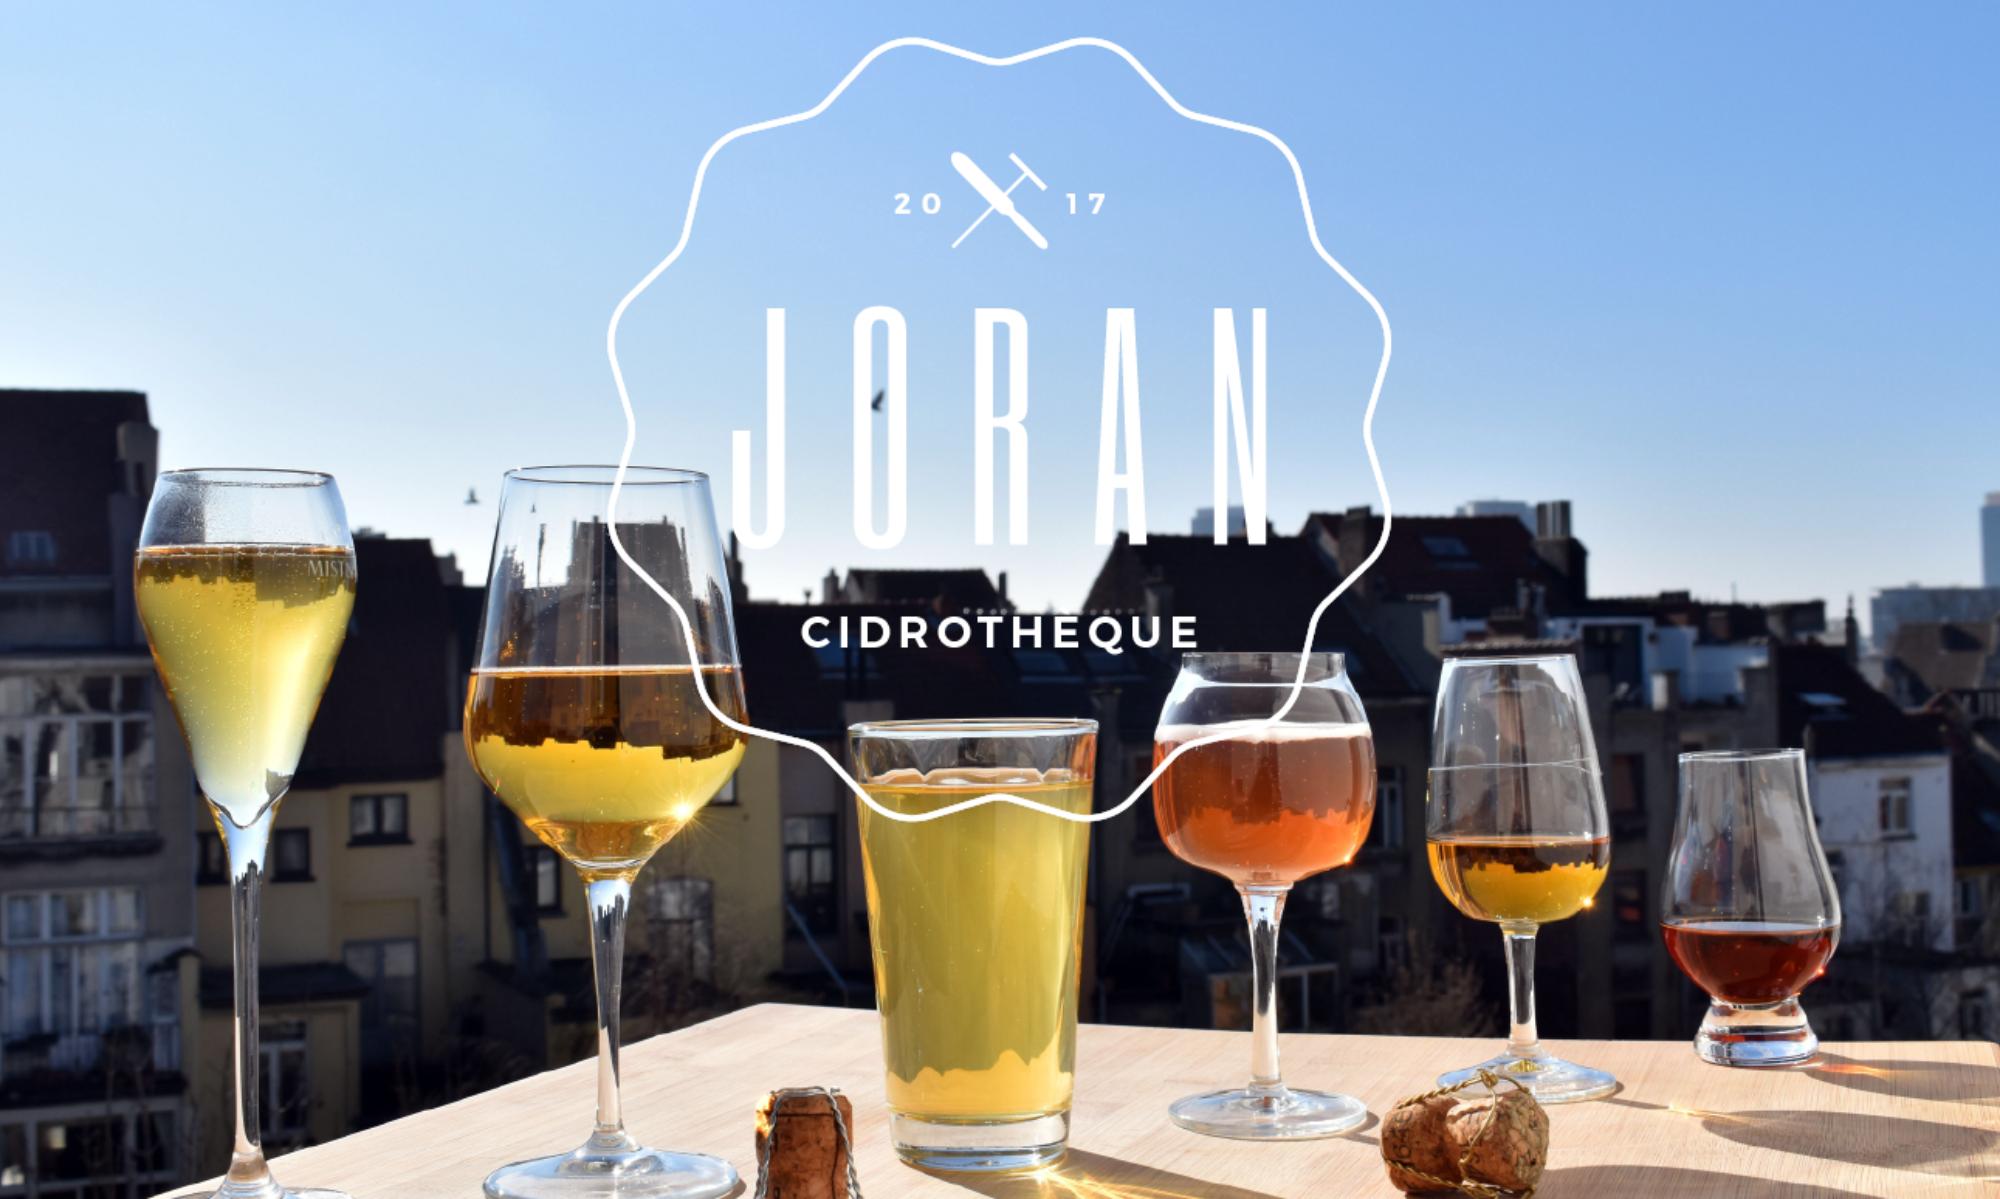 Joran - Cidrothèque